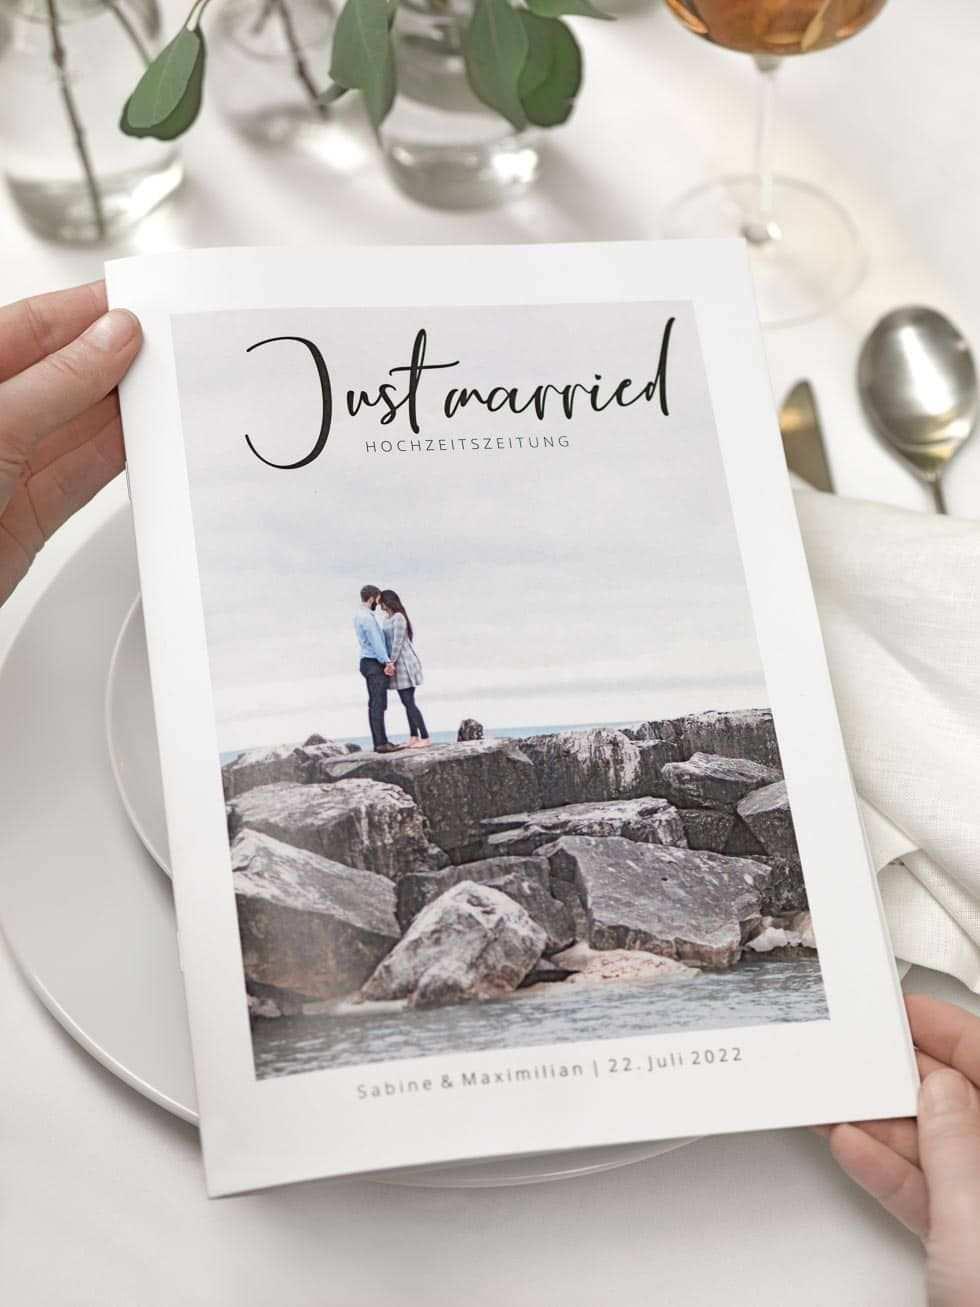 Hochzeitszeitung Vorlage Professionelles Magazin In Word Gestalten Hochzeitszeitung Hochzeitszeitung Gestalten Hochzeitszeitung Ideen